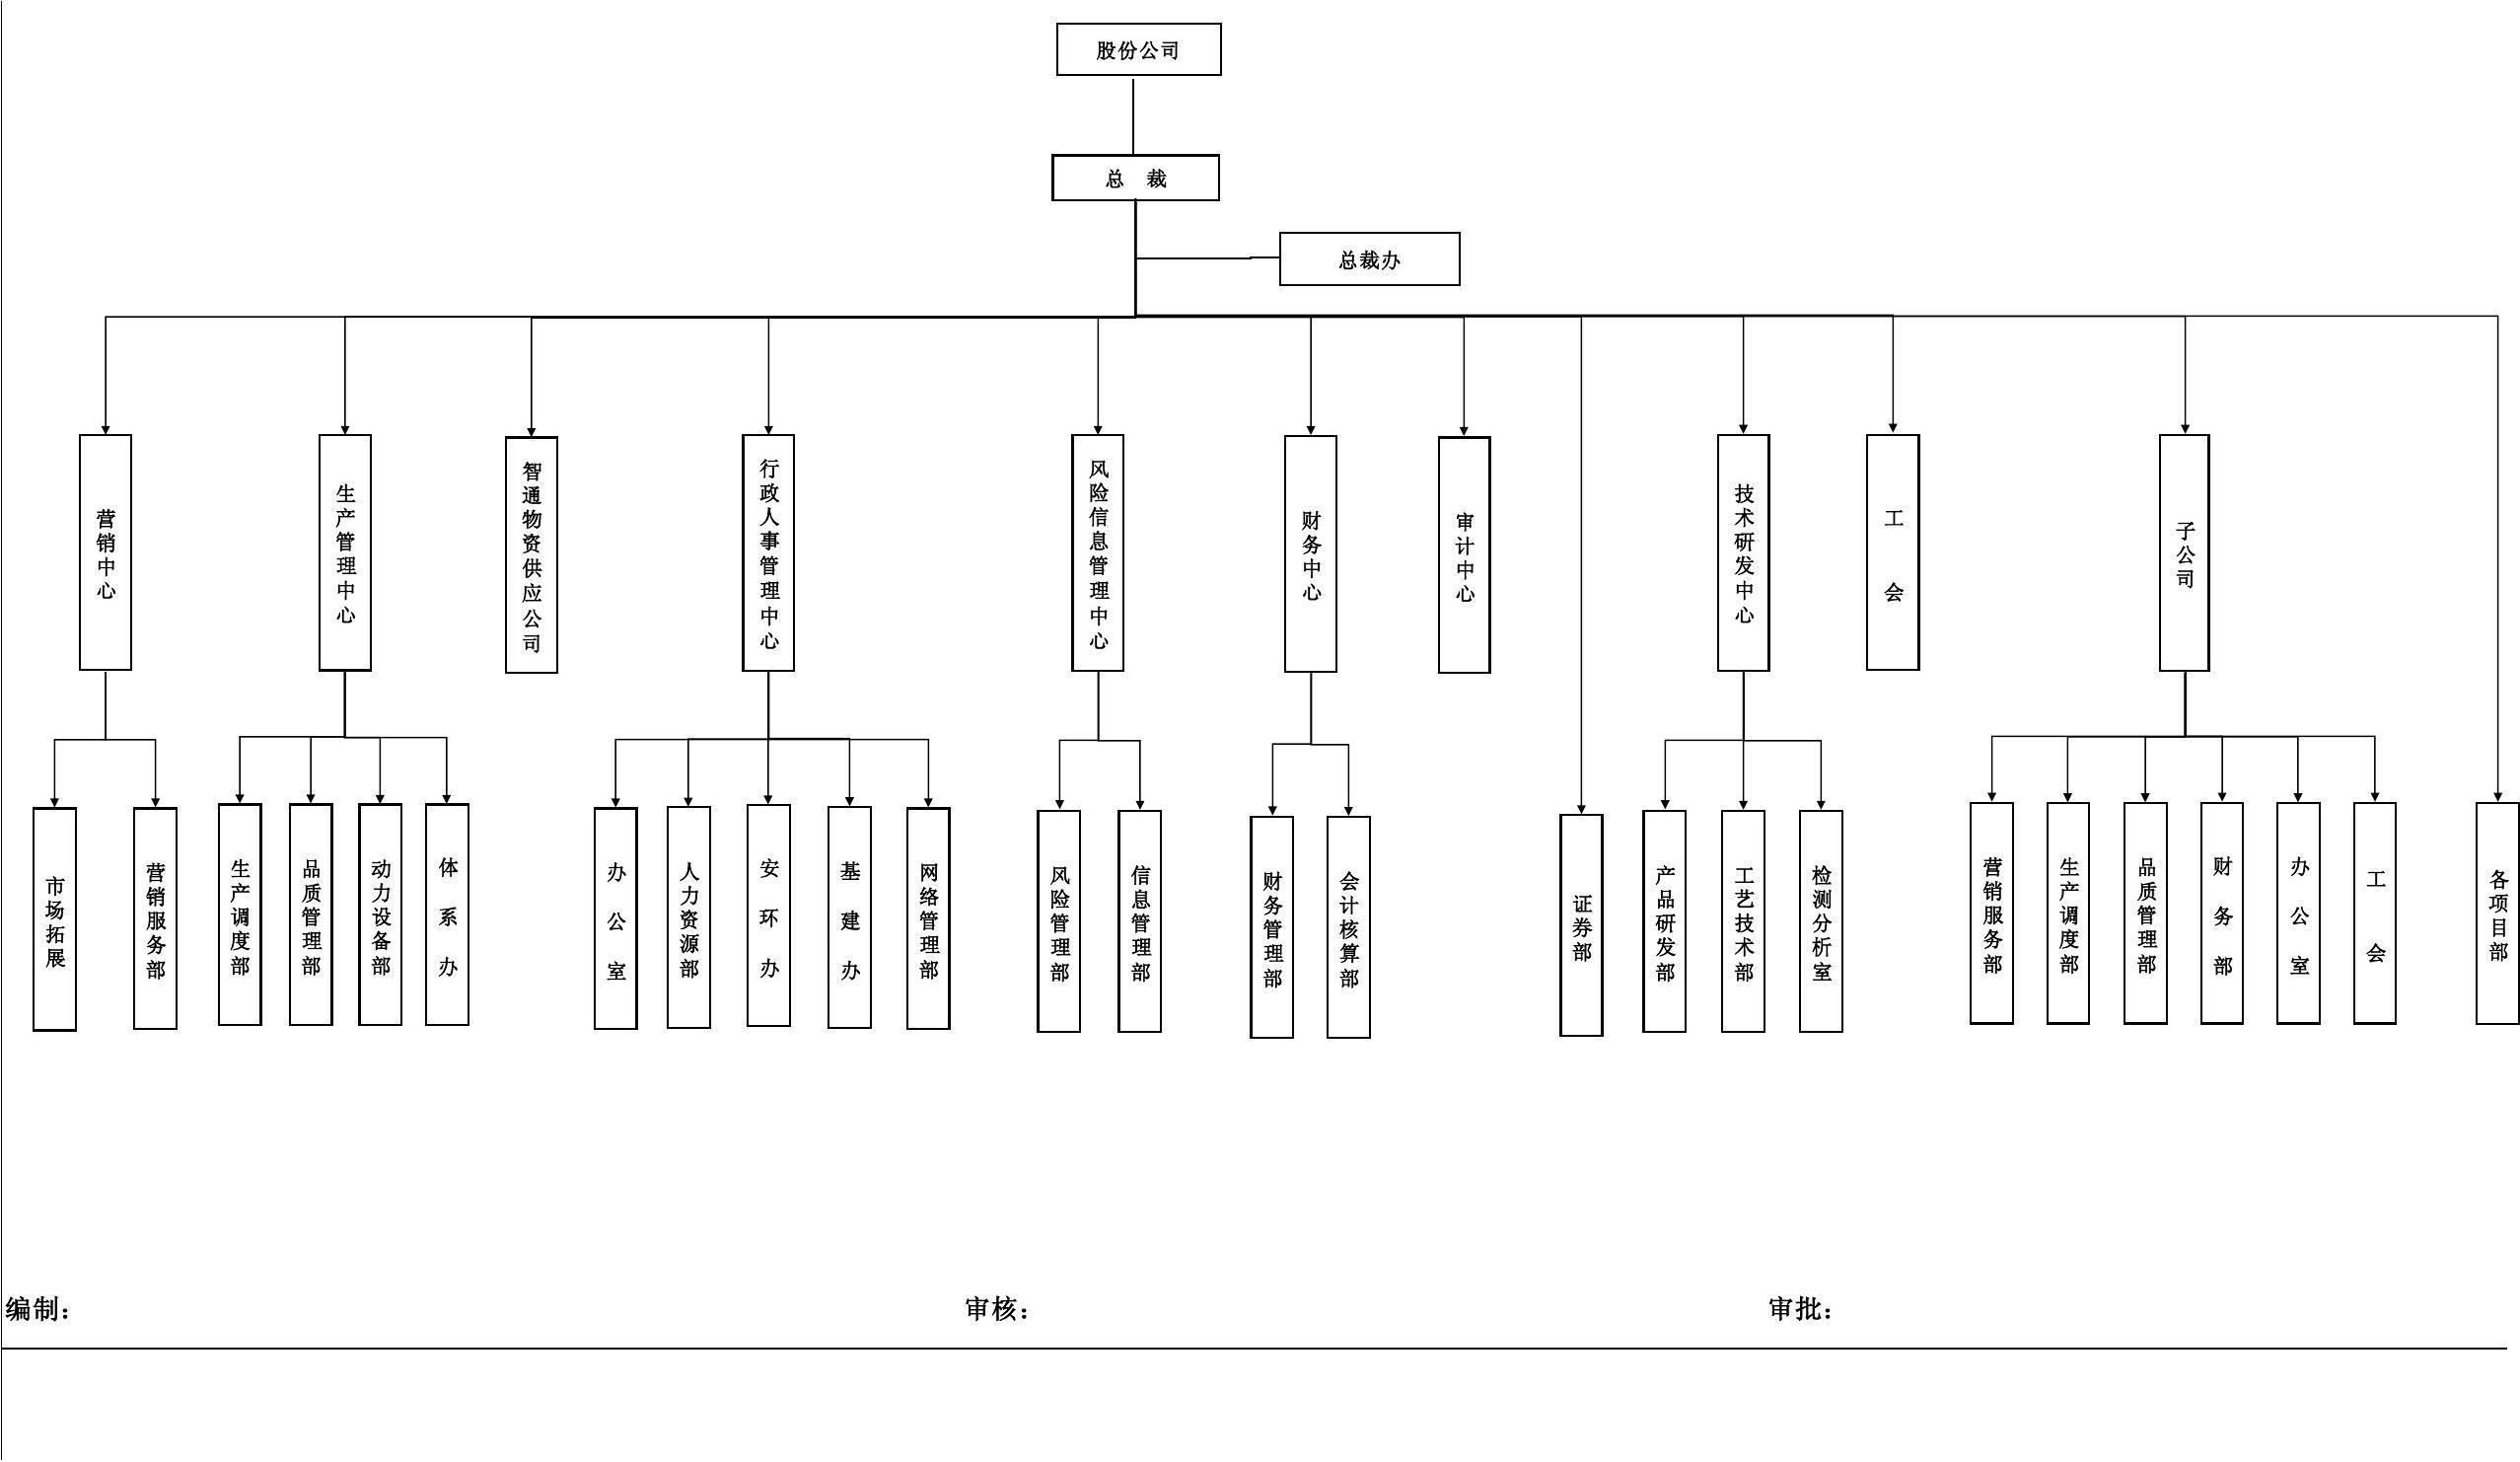 股份制公司章程范本_股份公司组织架构图_word文档在线阅读与下载_免费文档